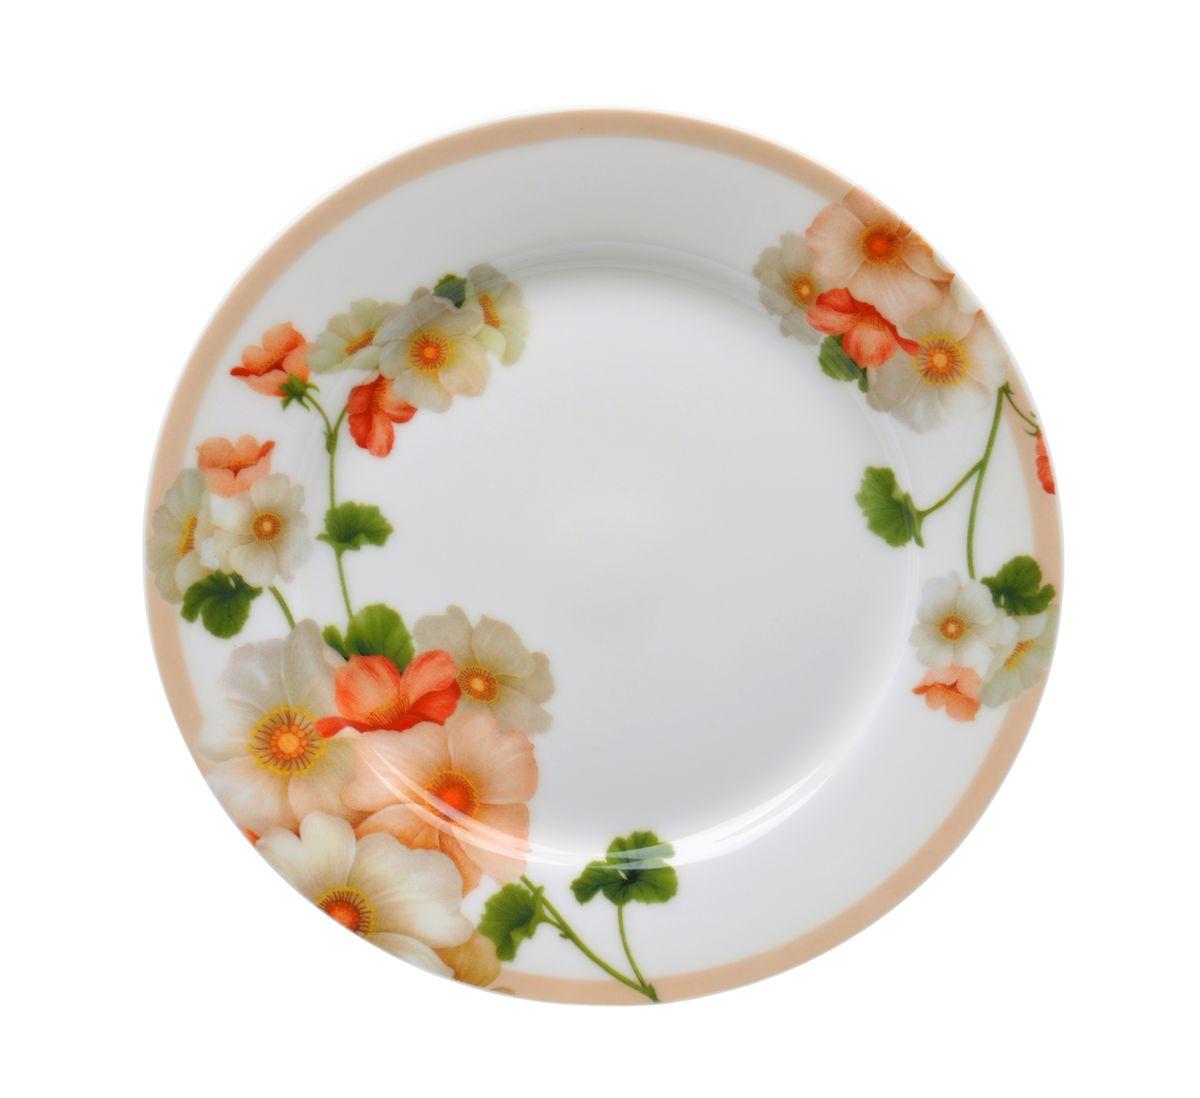 Тарелка десертная Nanshan Porcelain Мальва, диаметр 19 смGNNSML00175Тарелка десертная Nanshan Porcelain Мальва изготовлена из высококачественного фарфора. Предназначена для красивой подачи различных блюд. Изделие декорировано цветочным рисунком.Такая тарелка украсит сервировку стола и подчеркнет прекрасный вкус хозяйки. Можно мыть в посудомоечной машине и использовать в СВЧ.Диаметр: 19 см. Высота: 1,5 см.